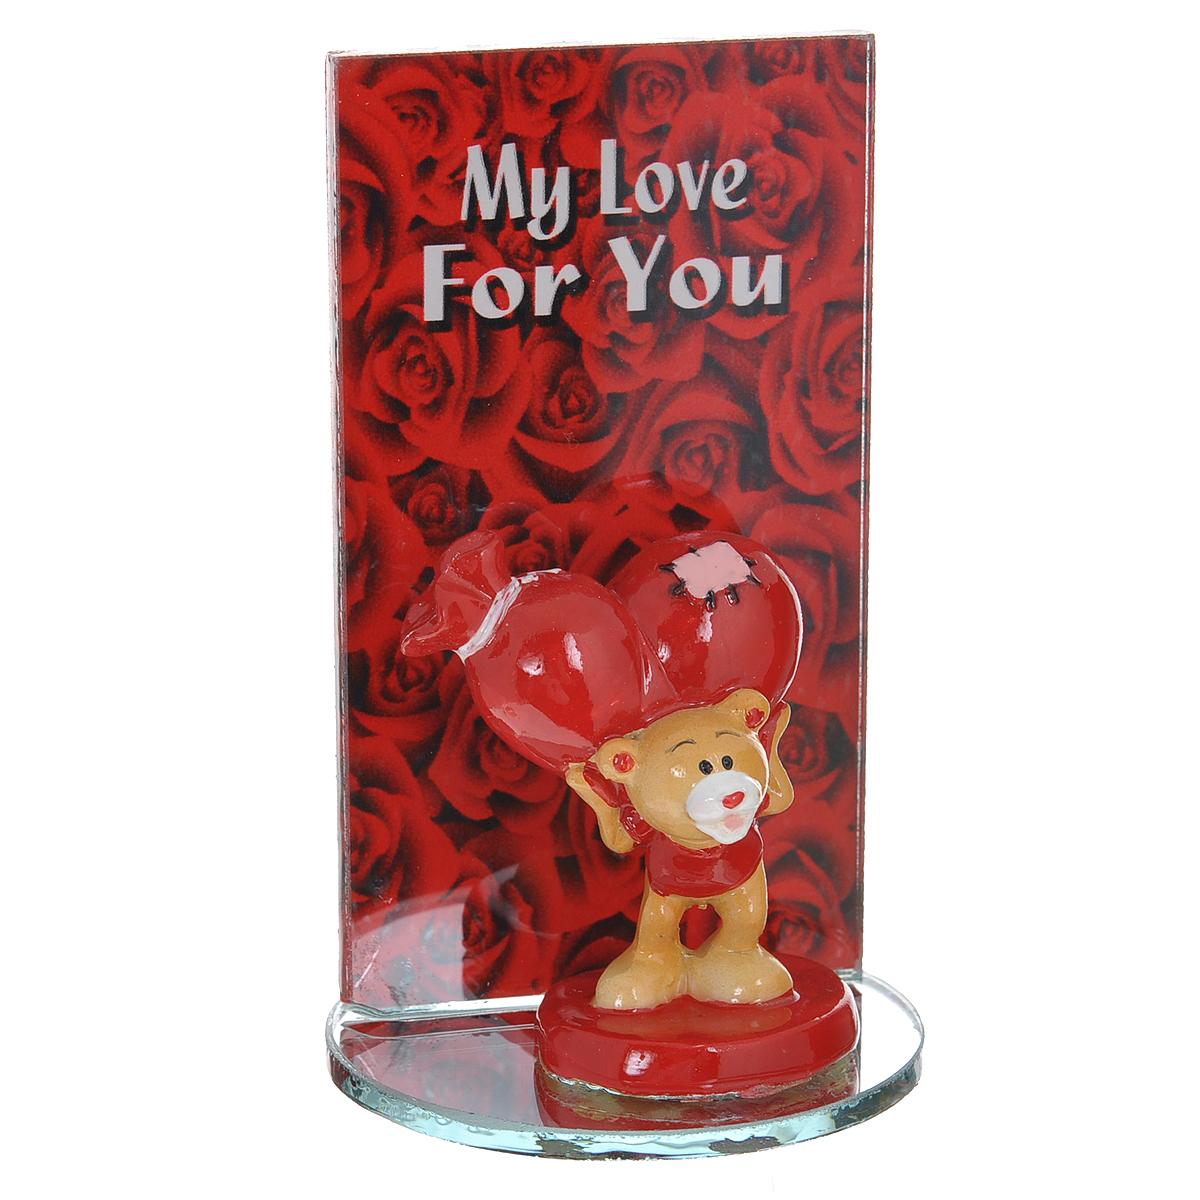 Фигурка декоративная Мишка-валентинка. 123433123433Декоративная фигурка Мишка-валентинка изготовлена из полистоуна в виде милого медвежонка с сердечком. Фигурка расположена на подставке, нижняя часть которой - круглое зеркальце, а боковая - прямоугольное стекло, оформленное изображением роз и надписью My love for you. Такая фигурка станет идеальным сувениром ко Дню Святого Валентина, она без лишних слов выразит все ваши чувства. Фигурка упакована в подарочную коробку, перевязанную красной атласной лентой. Характеристики: Материал: полистоун, стекло. Цвет: бежевый, красный. Общий размер фигурки (ДхШхВ): 5,5 см х 5,5 см х 9 см. Высота фигурки мишки: 5 см. Размер упаковки: 7,5 см х 7,5 см х 10 см. Артикул: 123433.